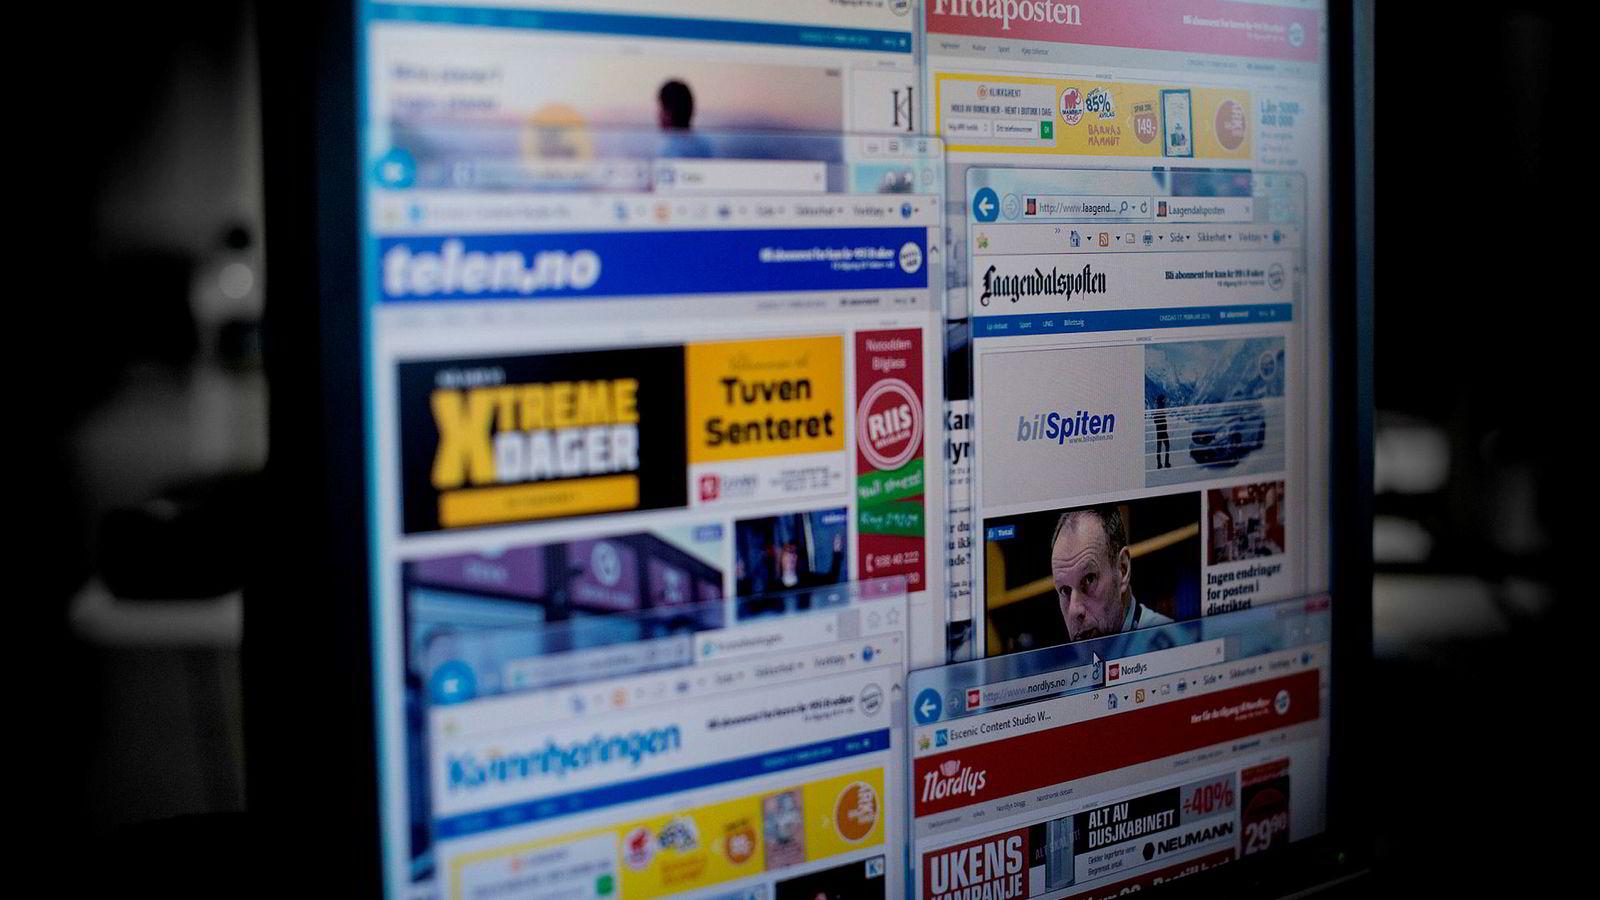 Nettavisenes annonsemuligheter har forbedret seg etter brukerbetaling ble innført. De fleste avisene mistet ikke trafikk som følge av brukerbetaling, skriver førsteamanuensis ved BI, Mona Solvoll. Foto: Mikaela Berg